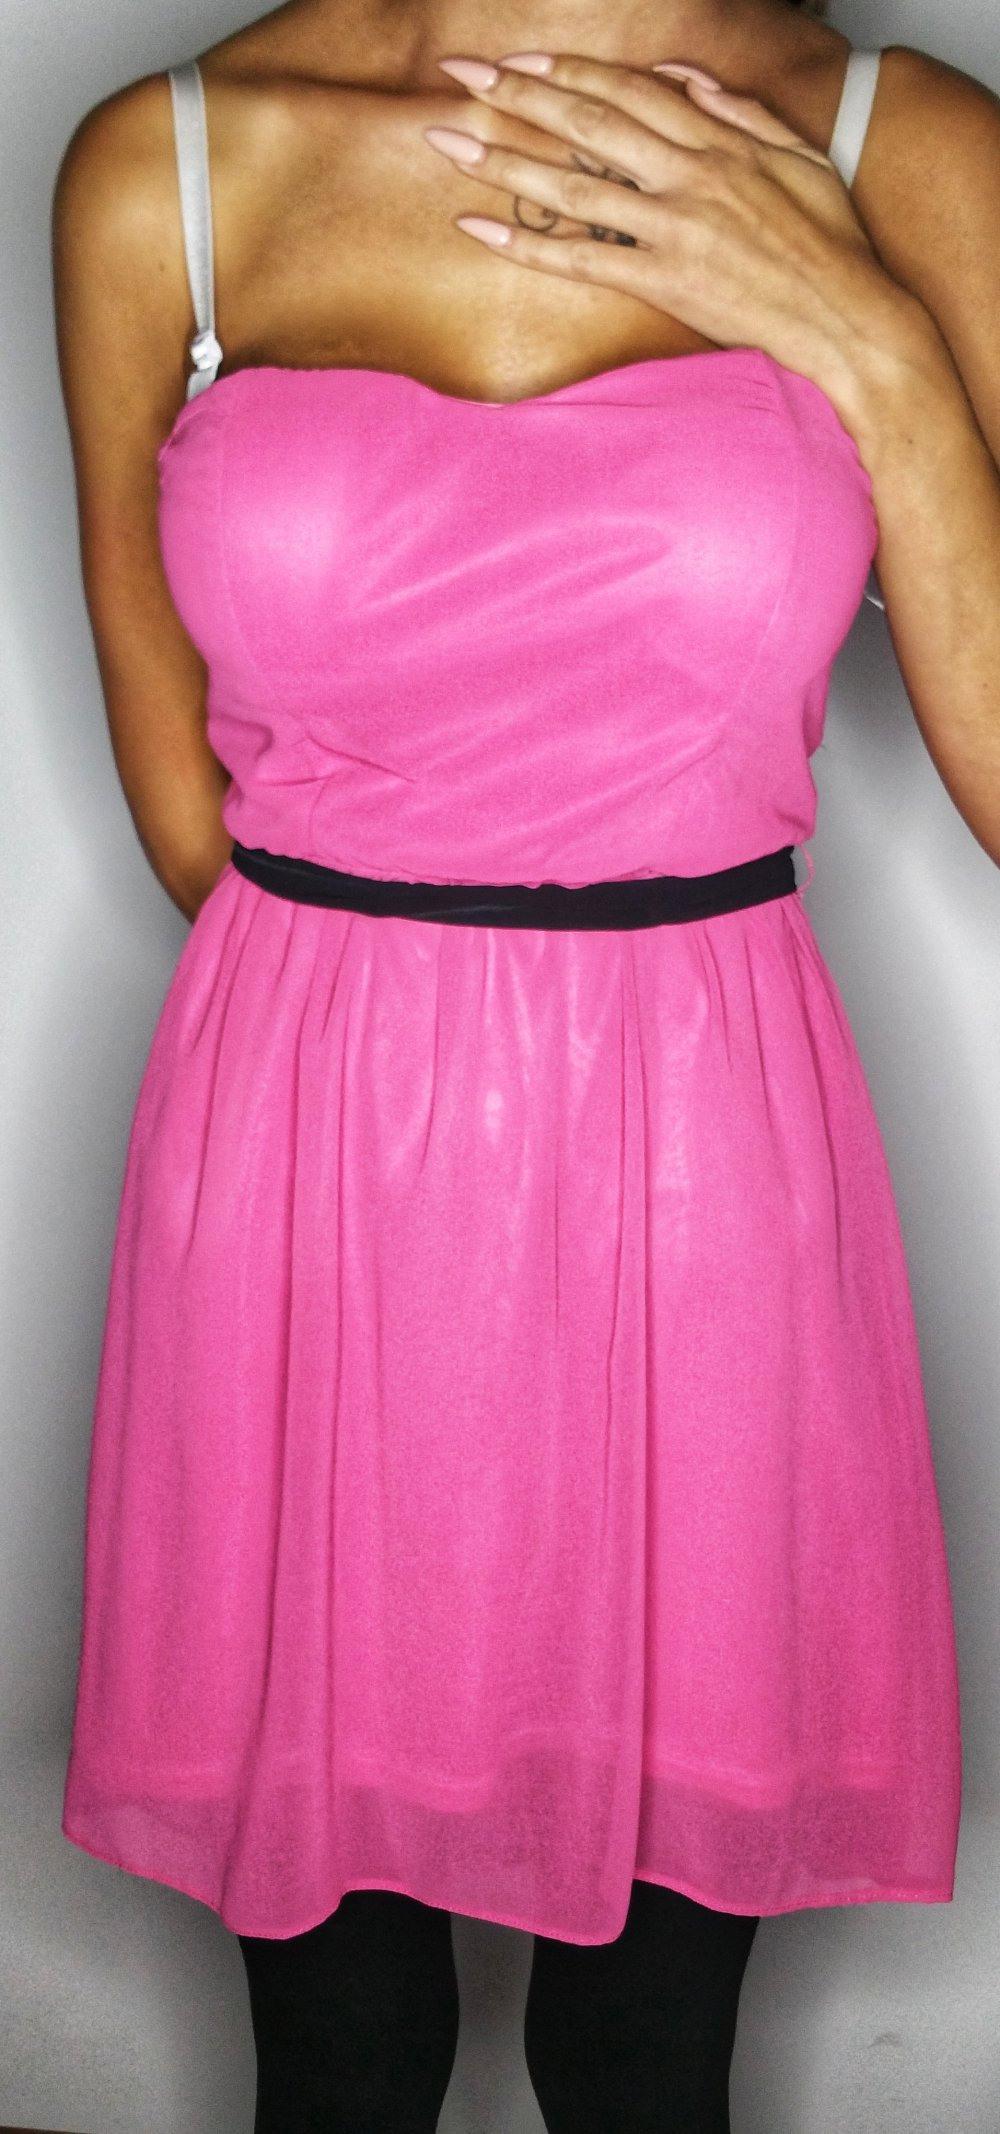 Coolste Pinkes Abendkleid Galerie20 Coolste Pinkes Abendkleid Spezialgebiet